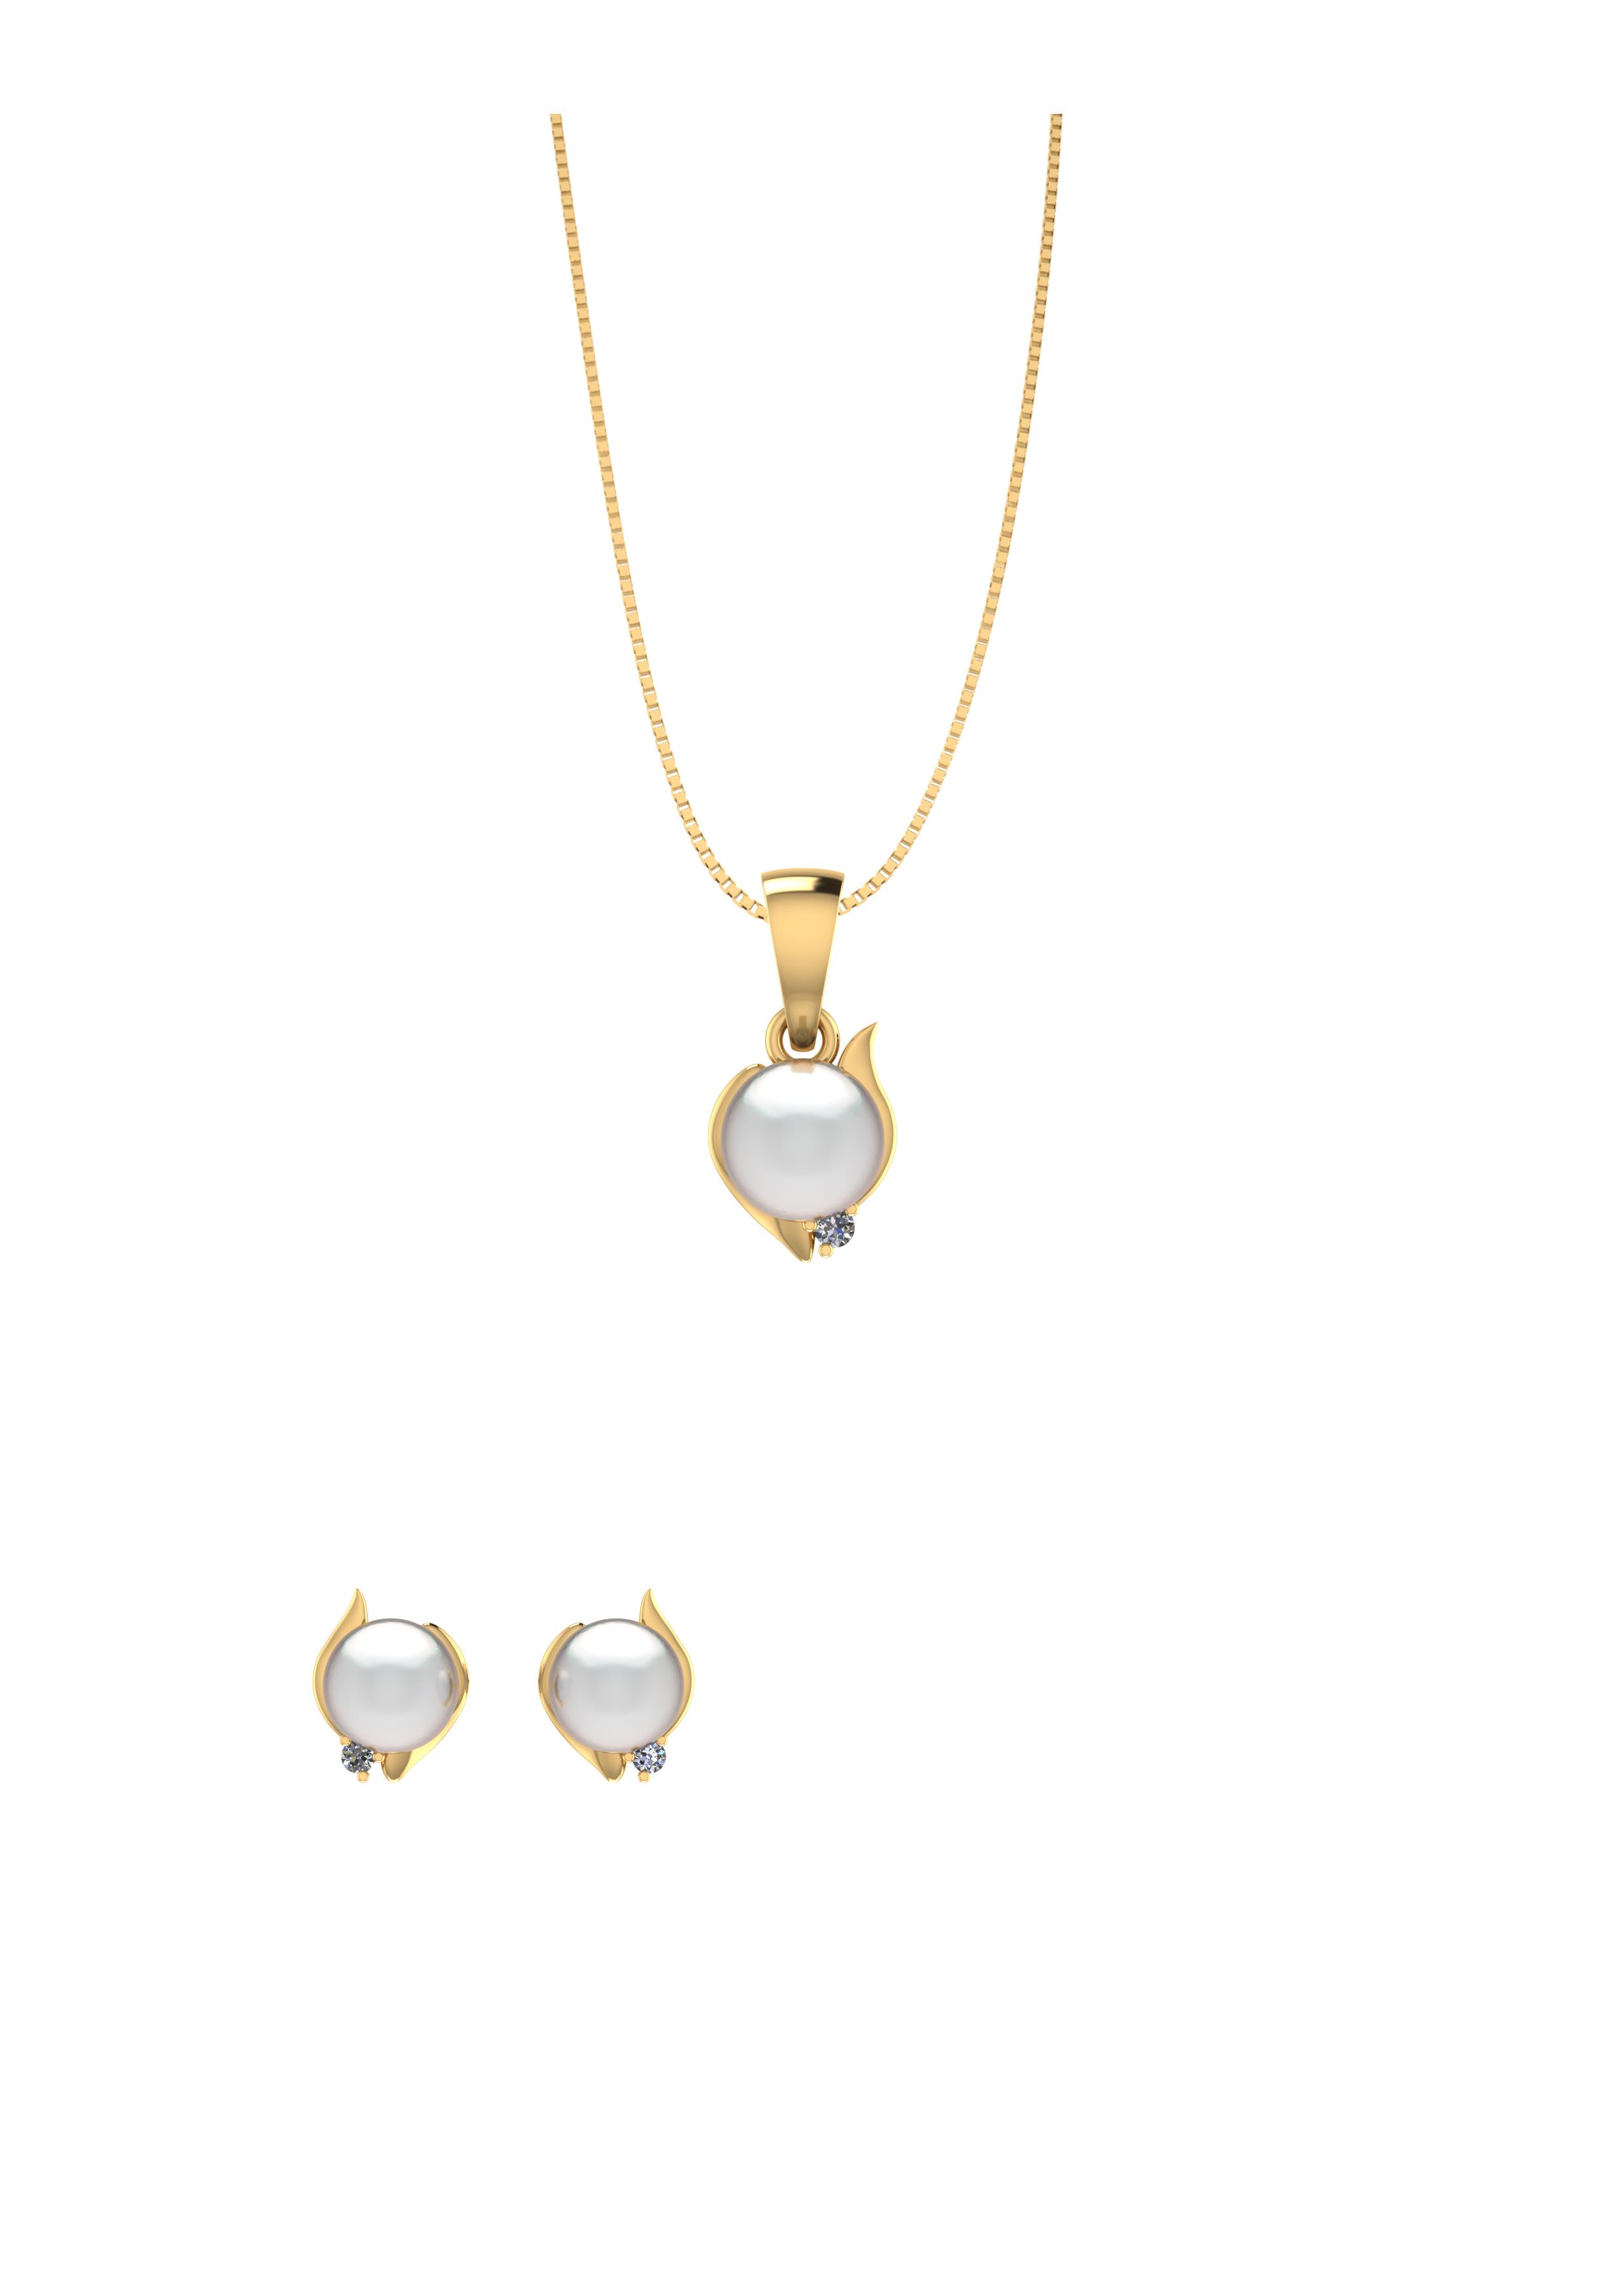 Image of   Smykkekæden Forgyldt Sølv Smykkesæt med Perle SÆT593